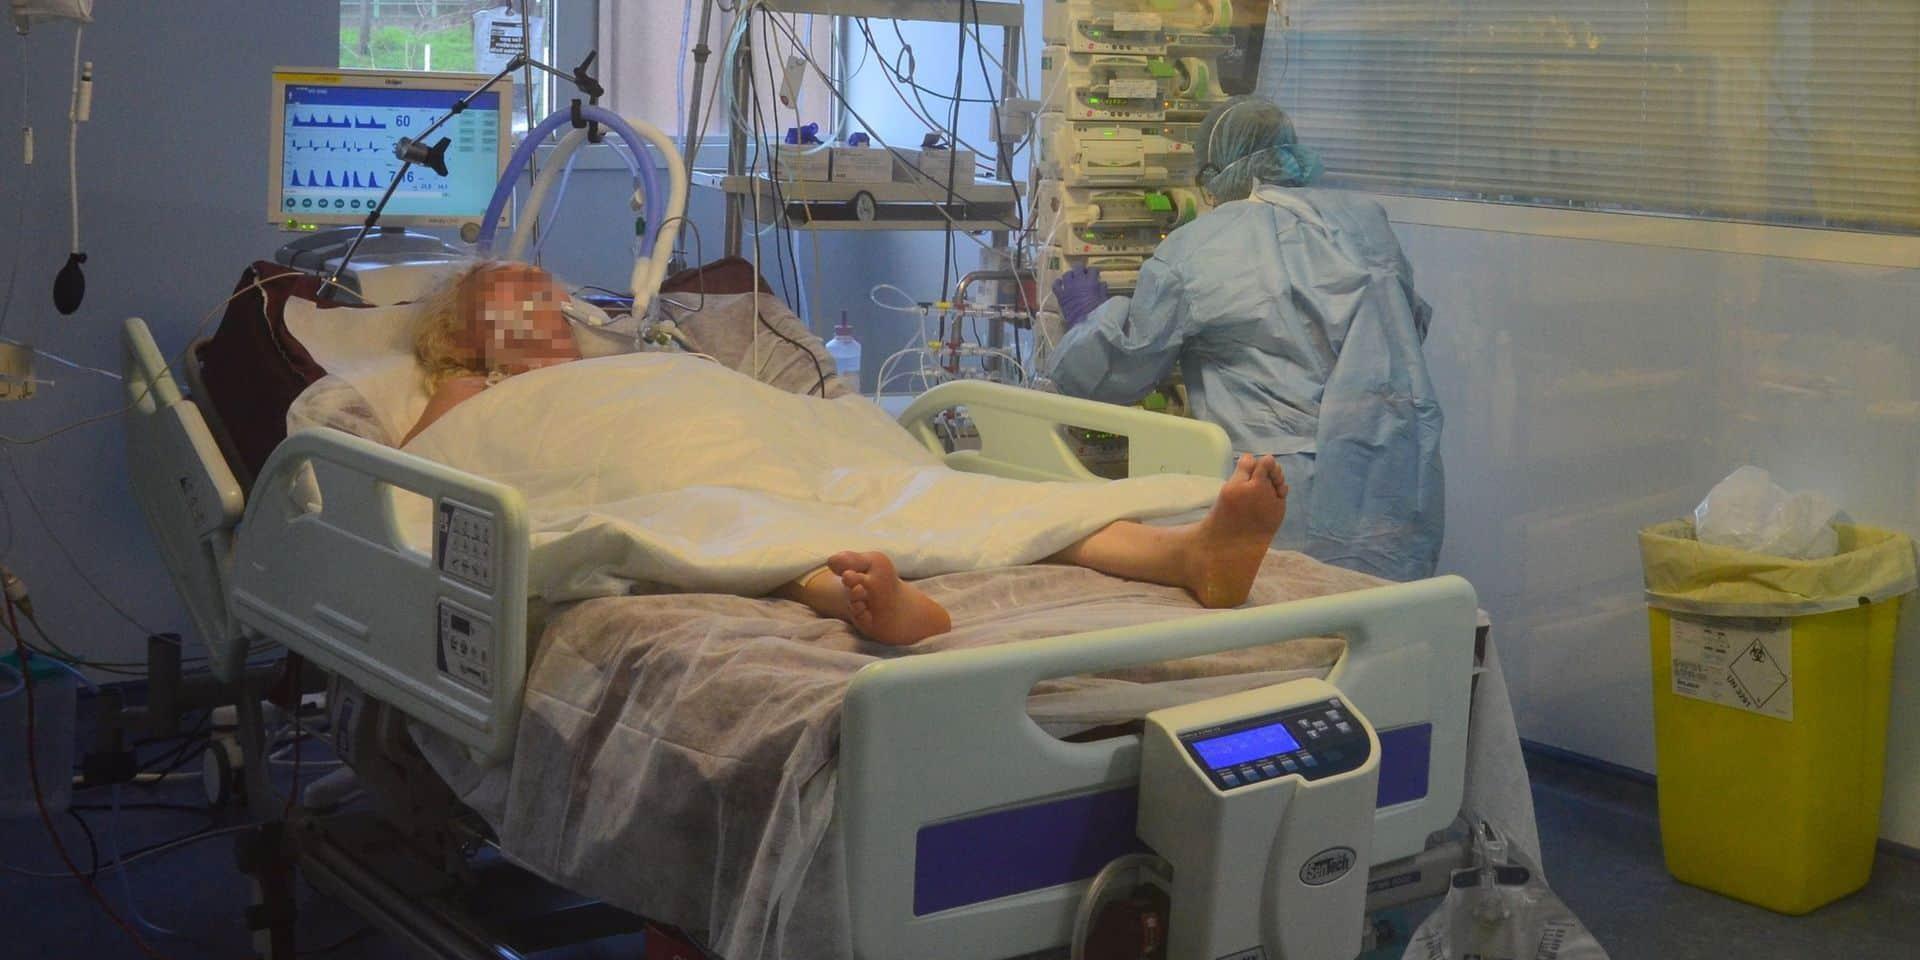 Trois médecins spécialistes, infectés par le coronavirus, sont hospitalisés dans un état grave